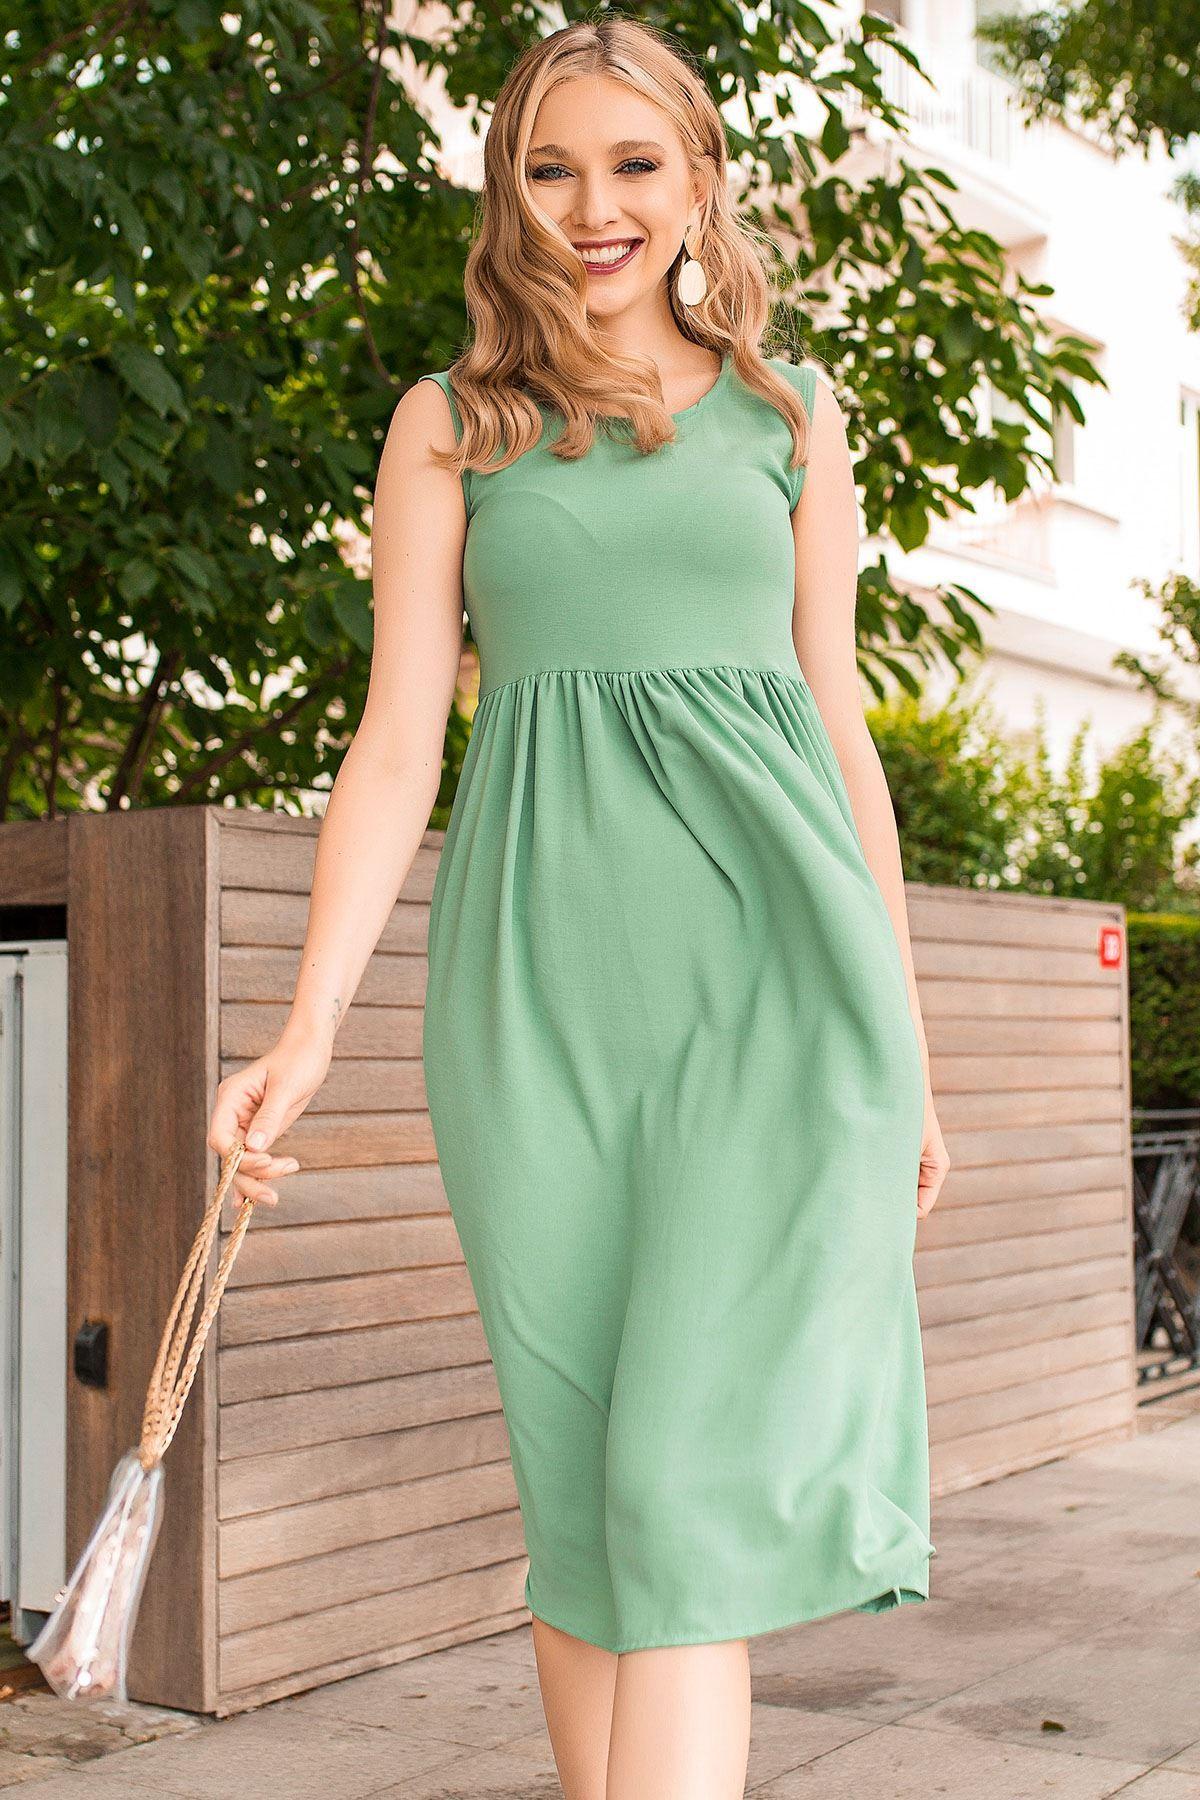 فستان صيفي فضفاض بدون أكمام لون أخضر فاتح شيك هانم Loose Dress Maxi Dress Fashion